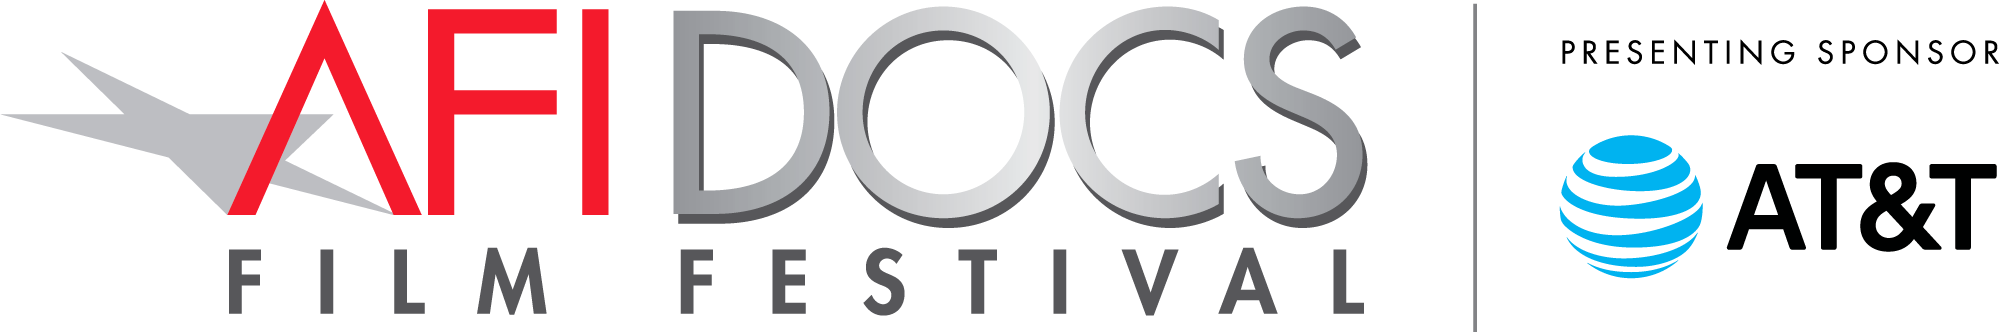 Logo of American Film Institute (AFI)'s Docs 2020 Film Festival